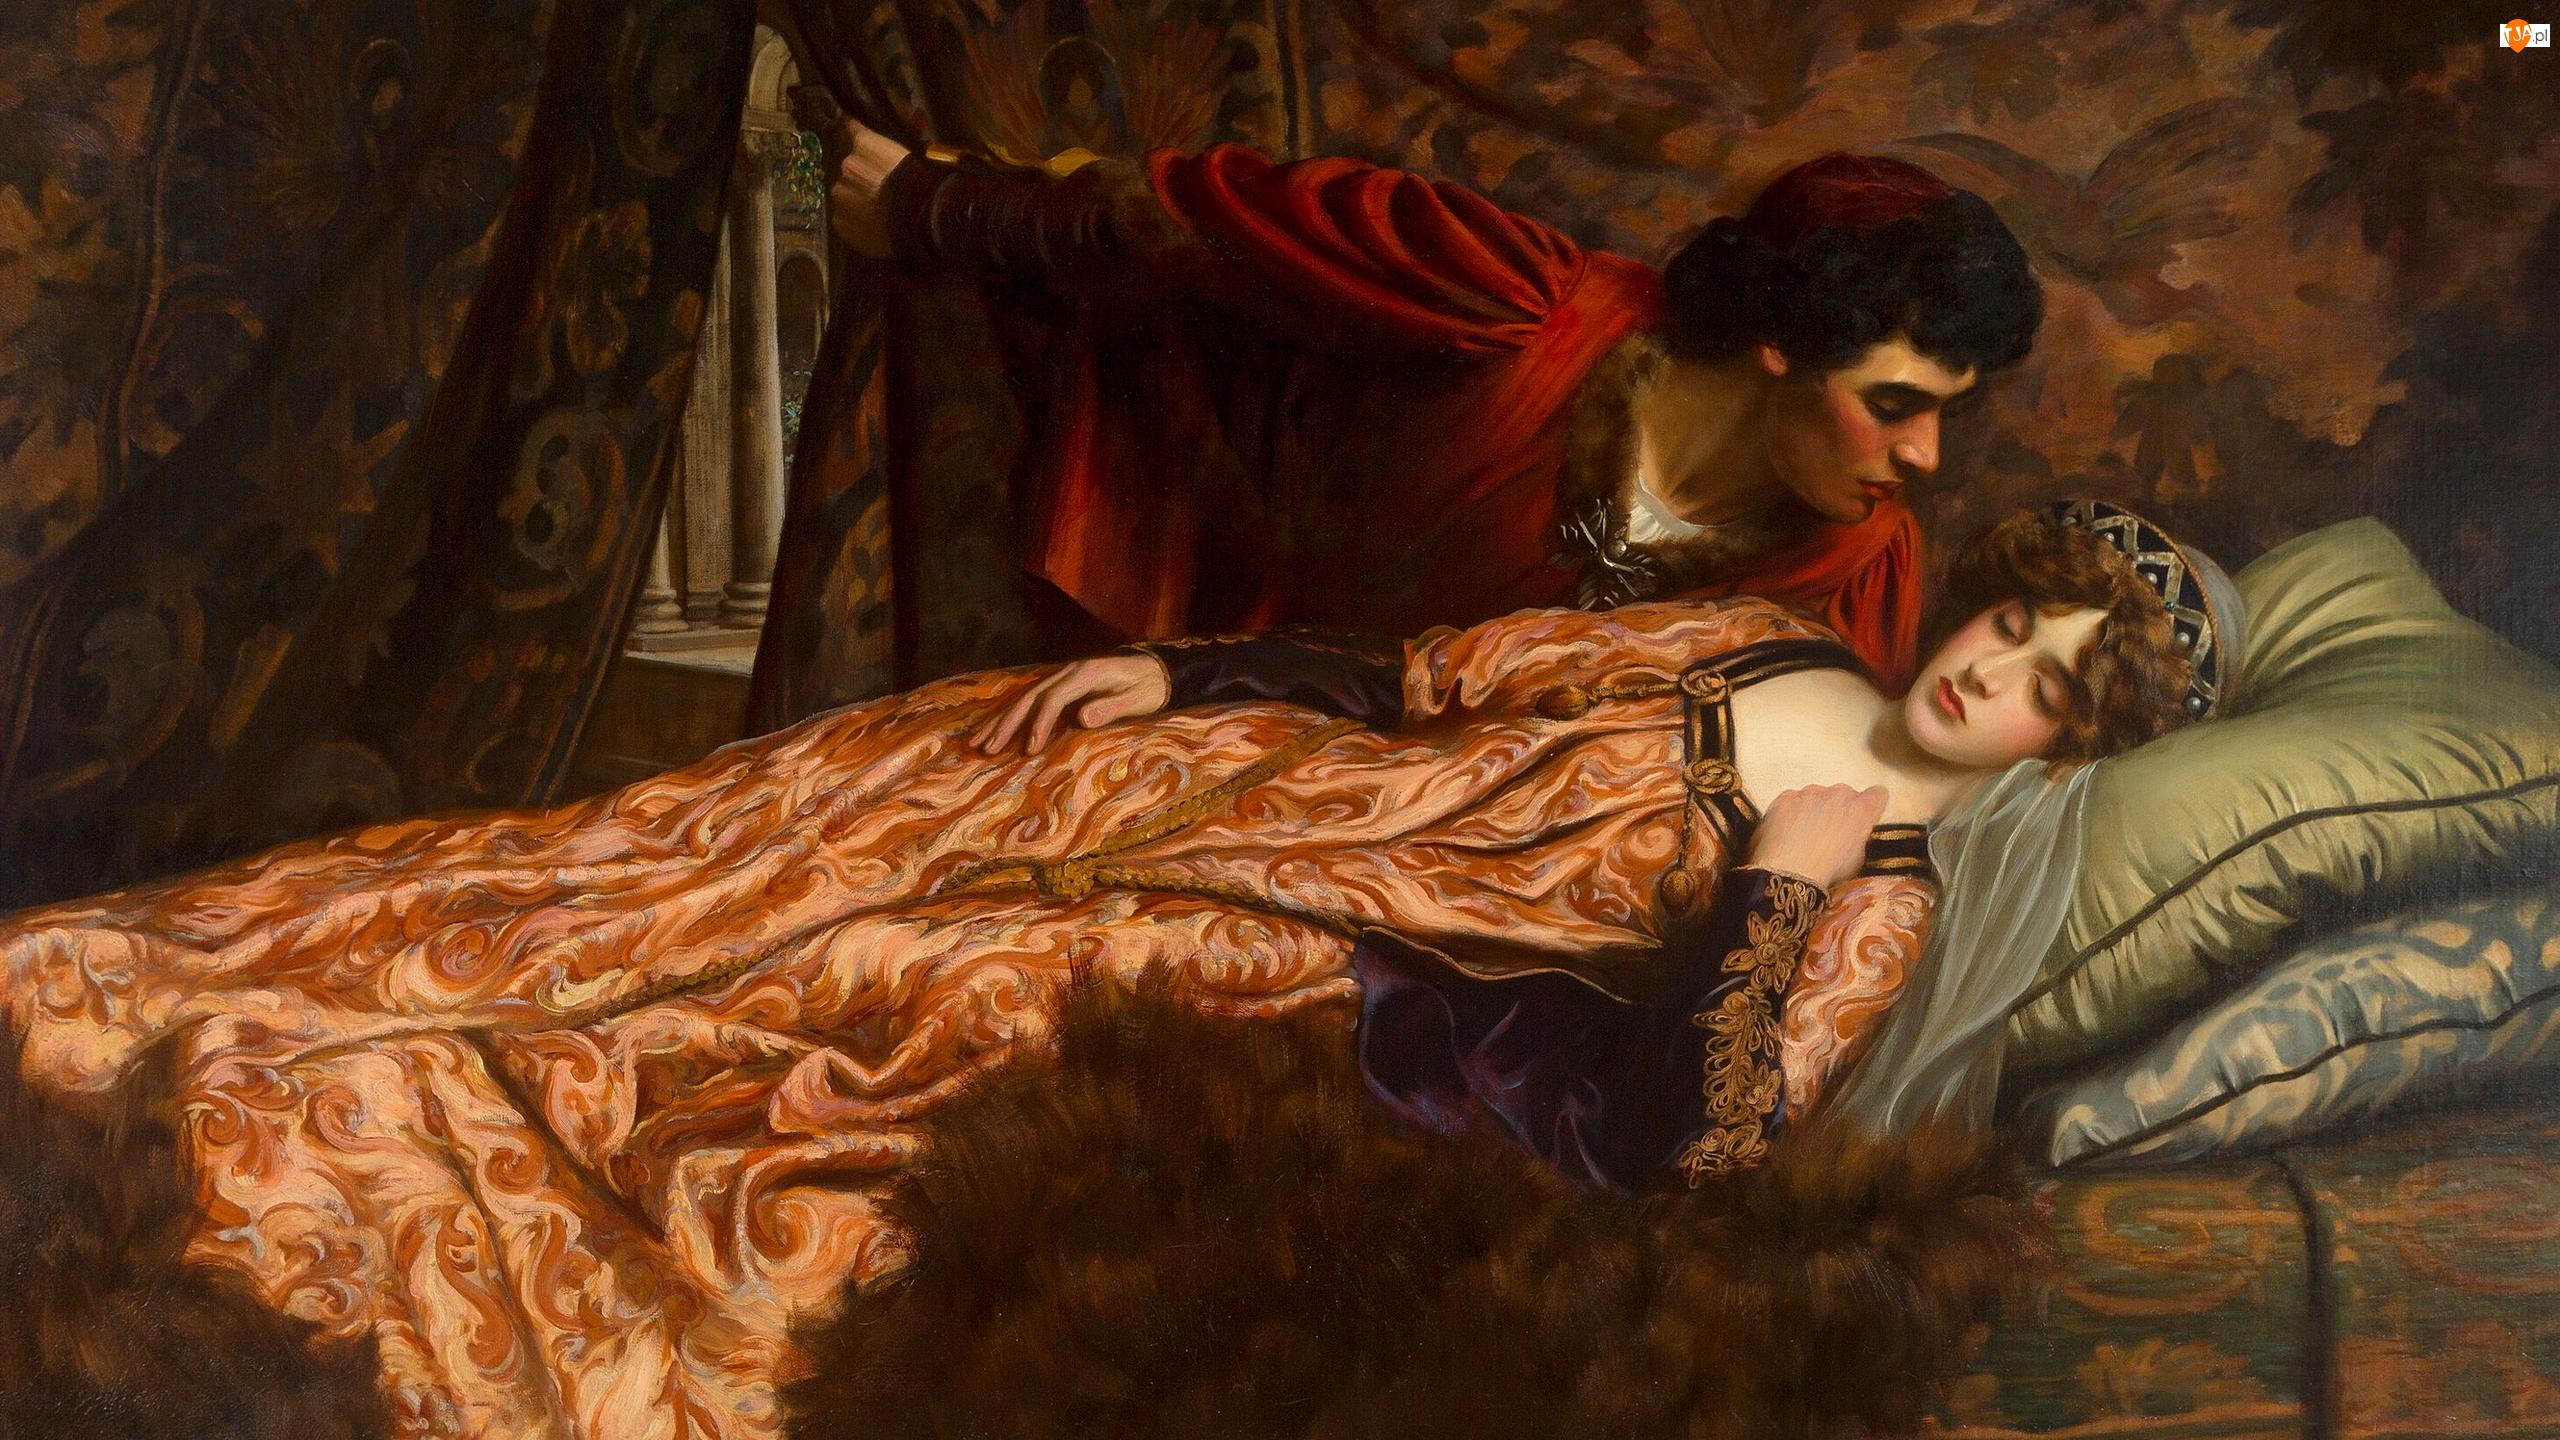 Obraz, Malarstwo, Mężczyzna, Kobieta, John Frederick Harrison Dutton, Śpiąca